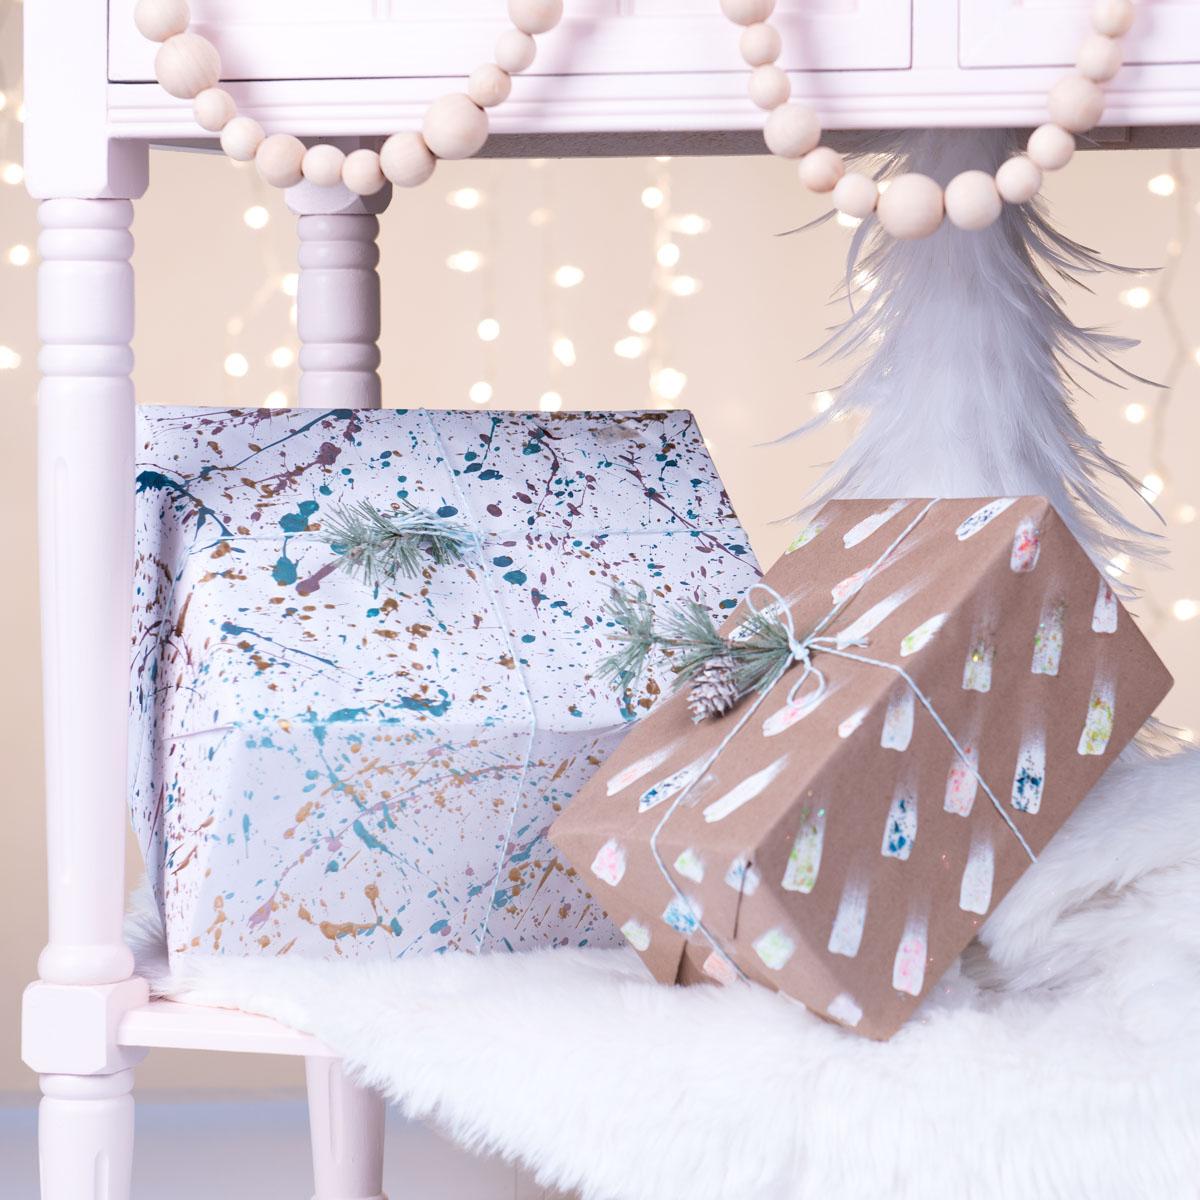 Brush Stroke and Splattered Gift Wrap